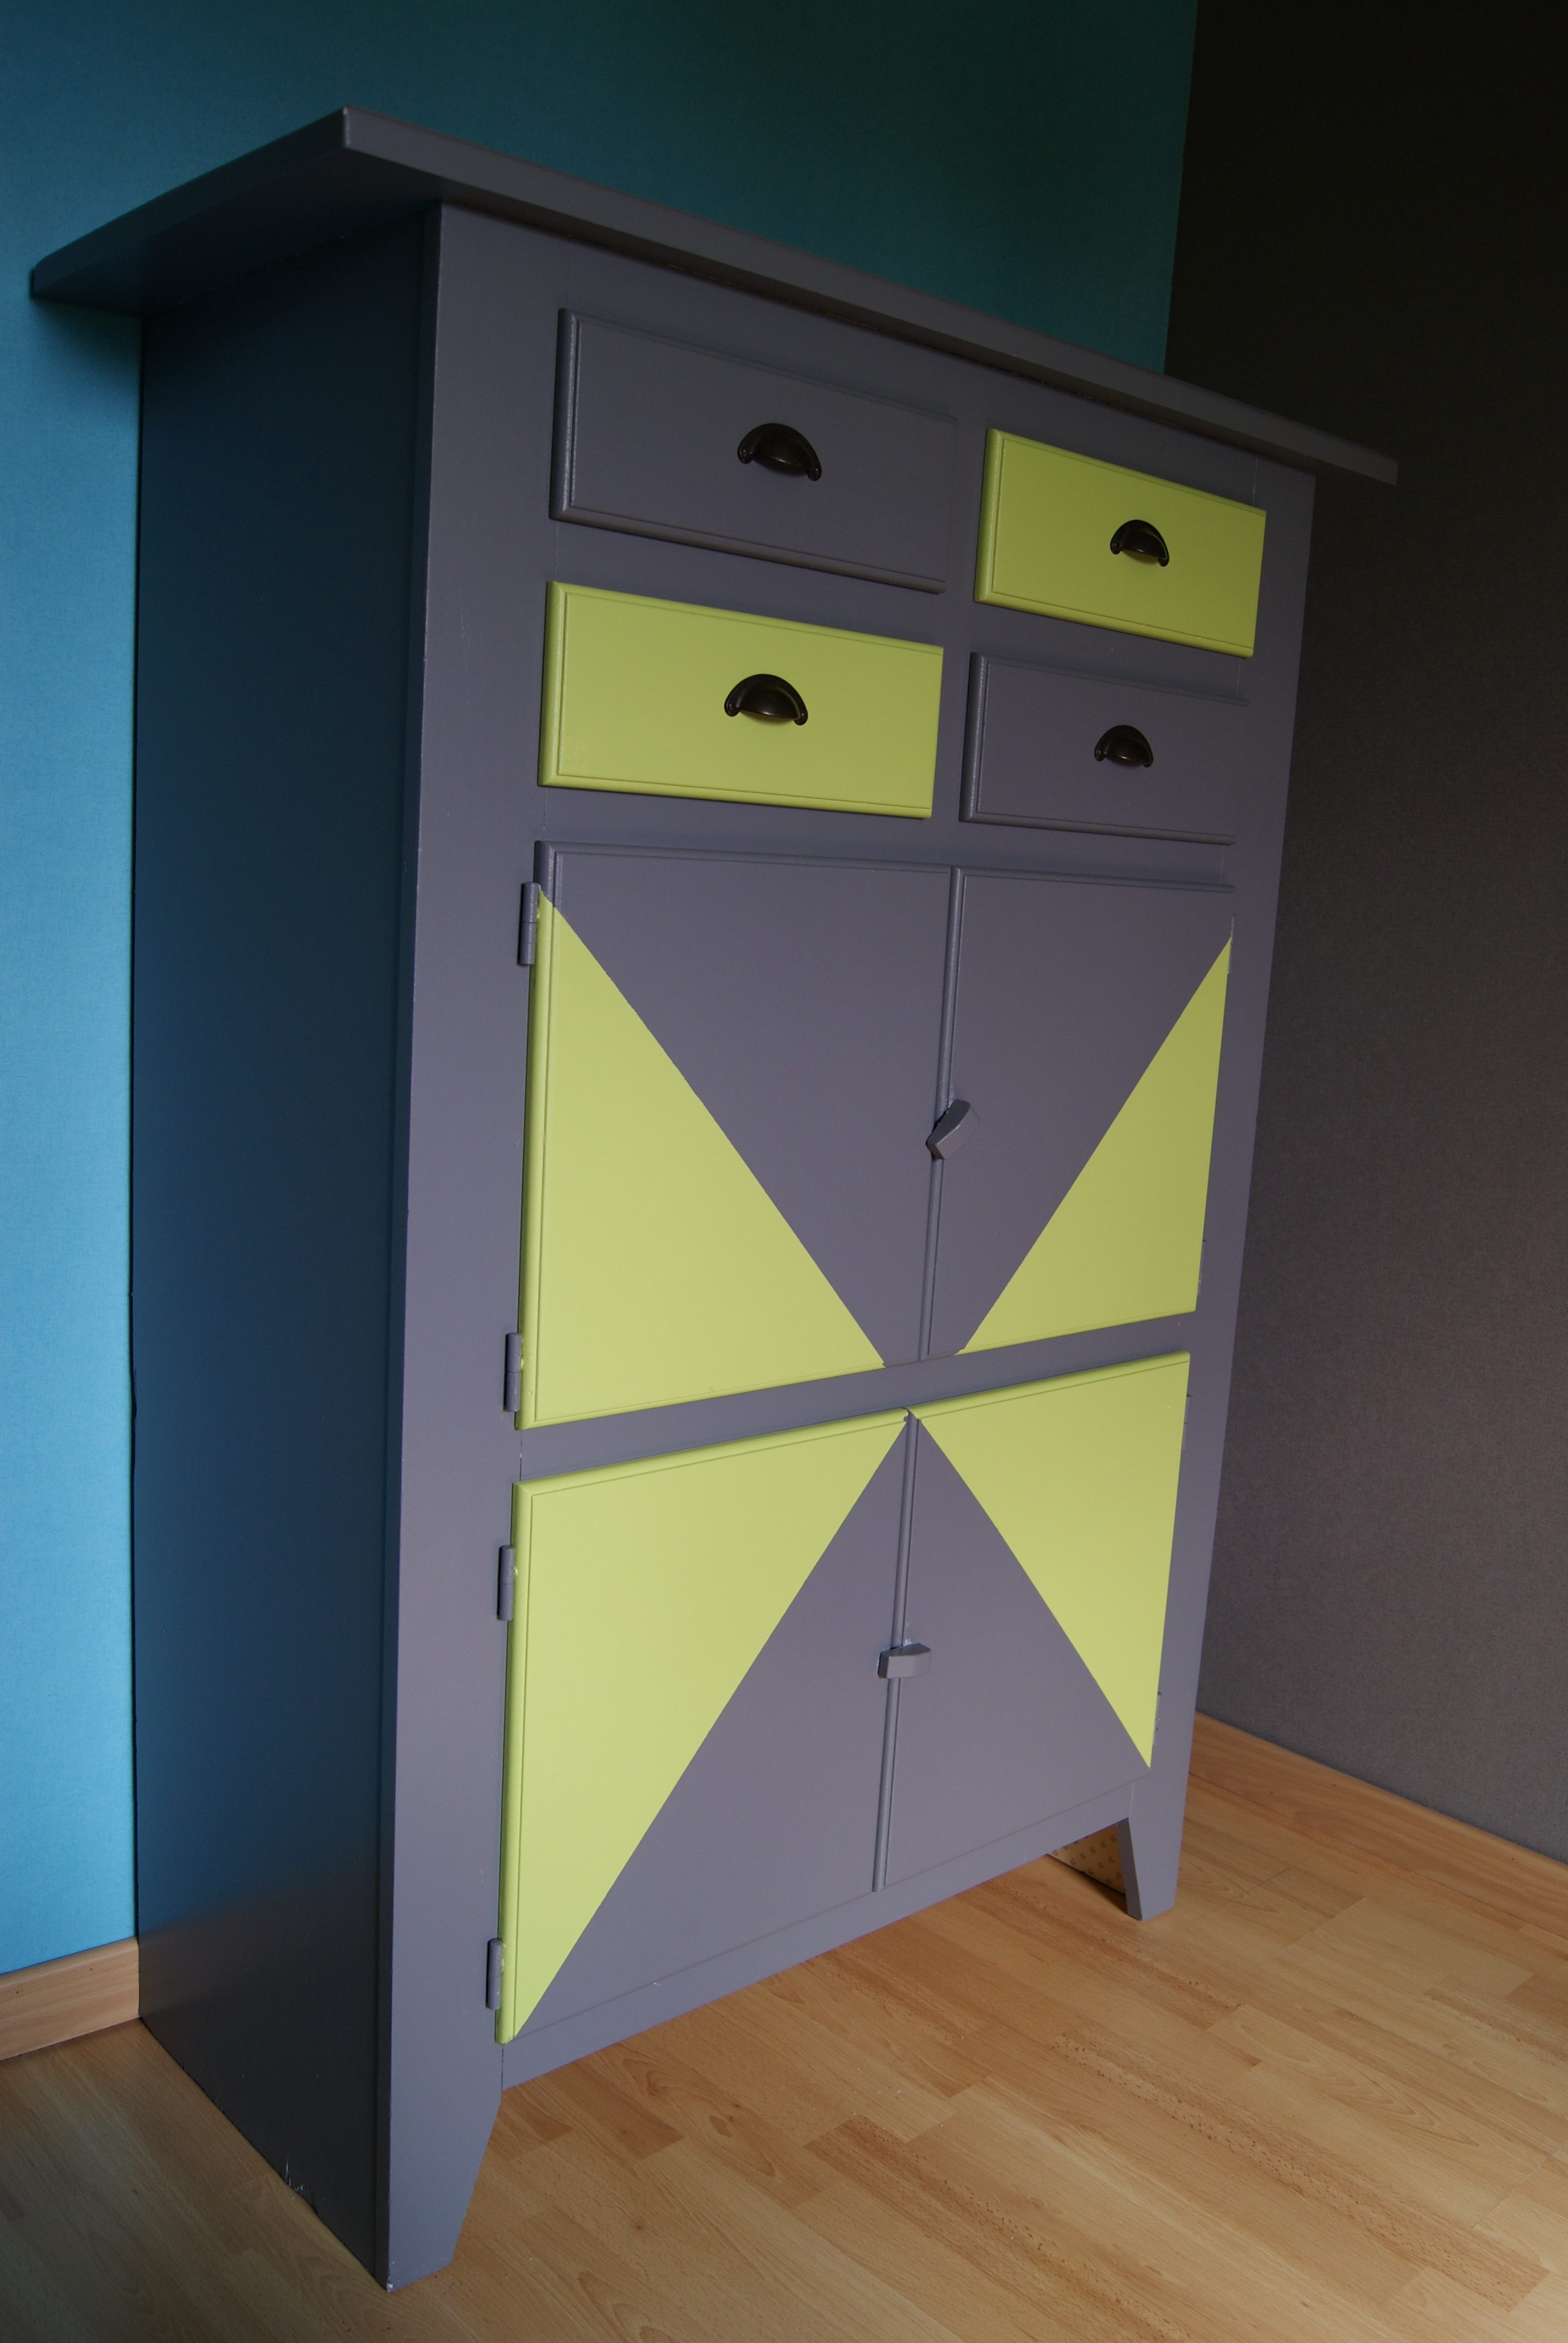 nouveaut c line mary d coratrice d 39 int rieur flers normandie. Black Bedroom Furniture Sets. Home Design Ideas